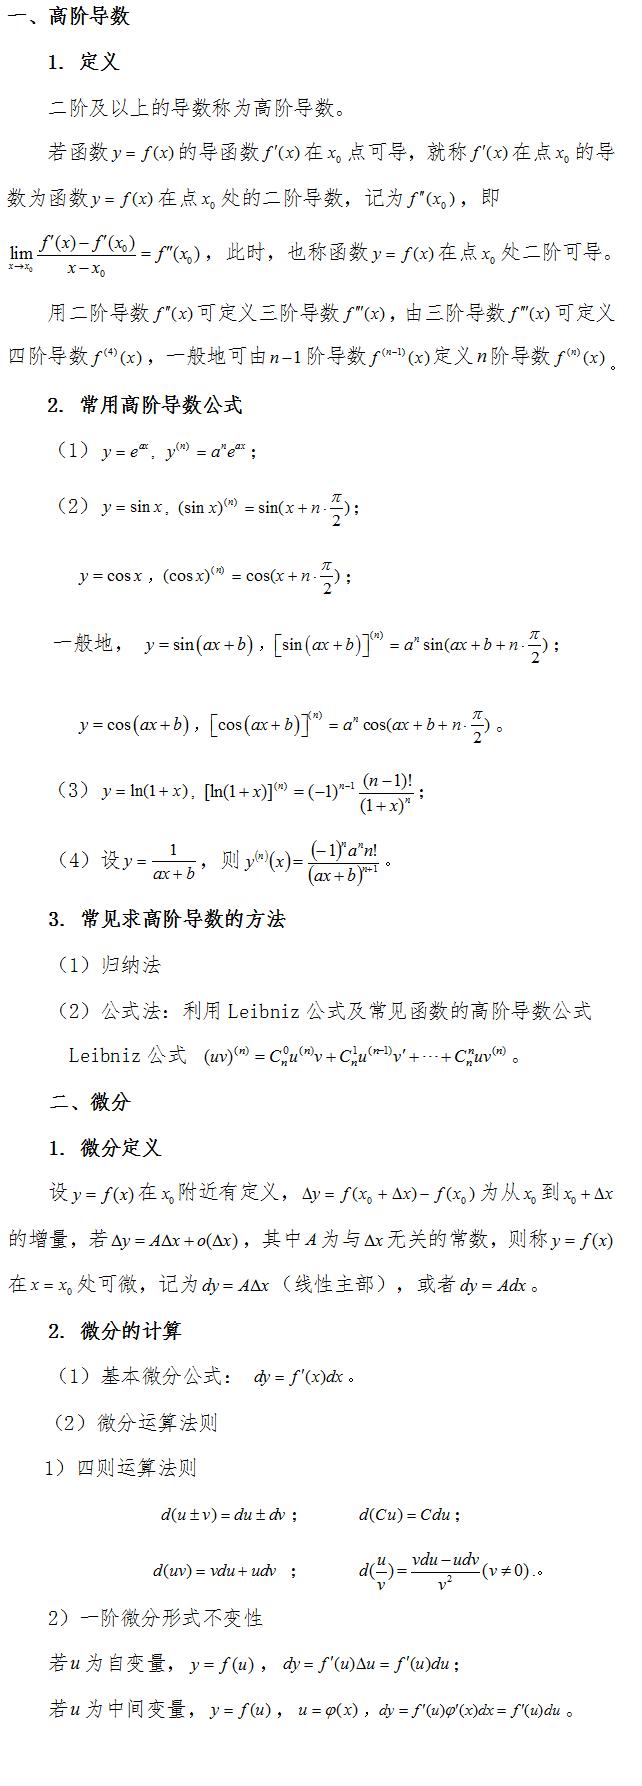 2019考研数学复习:导数与微分(三)